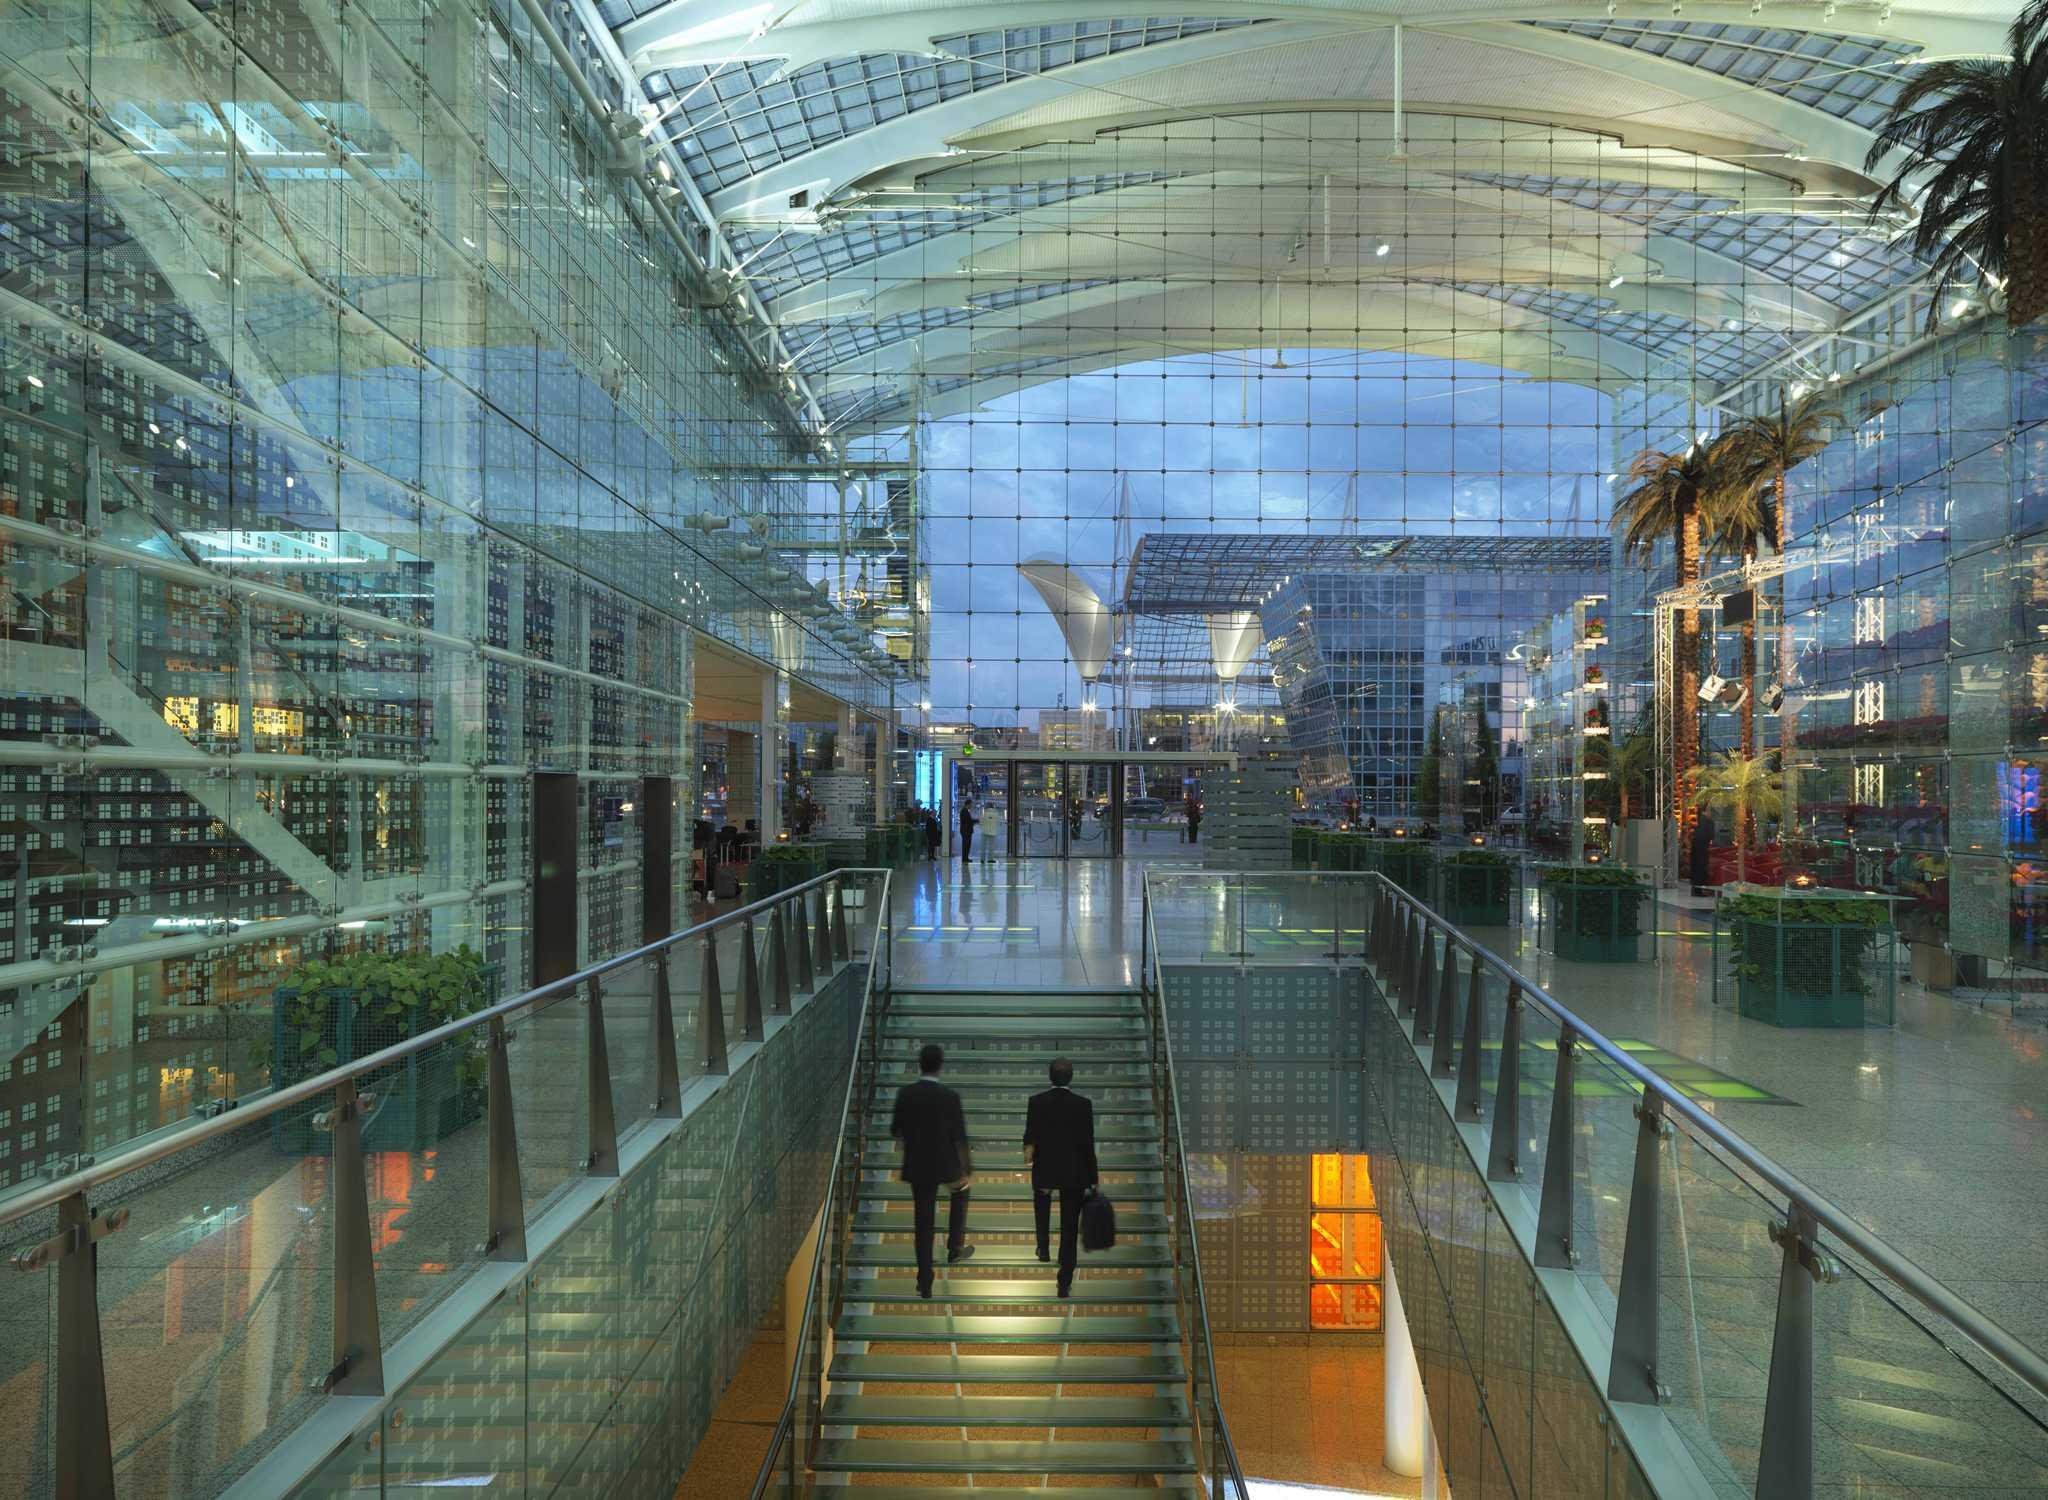 Hilton Hotel Munchen Flughafen